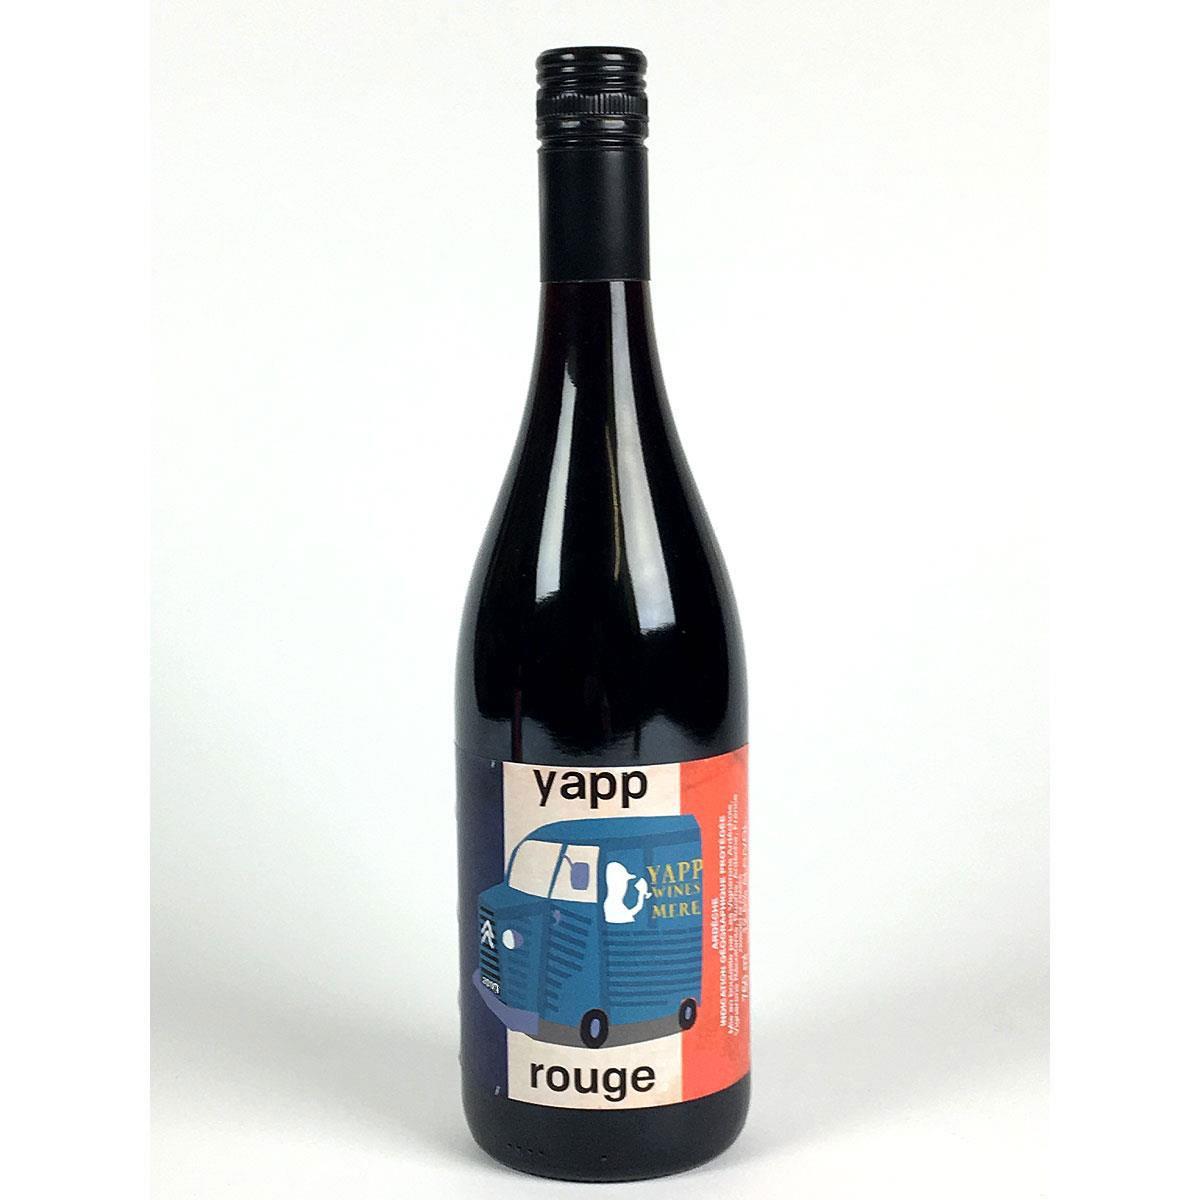 Yapp Rouge 2017 - Bottle